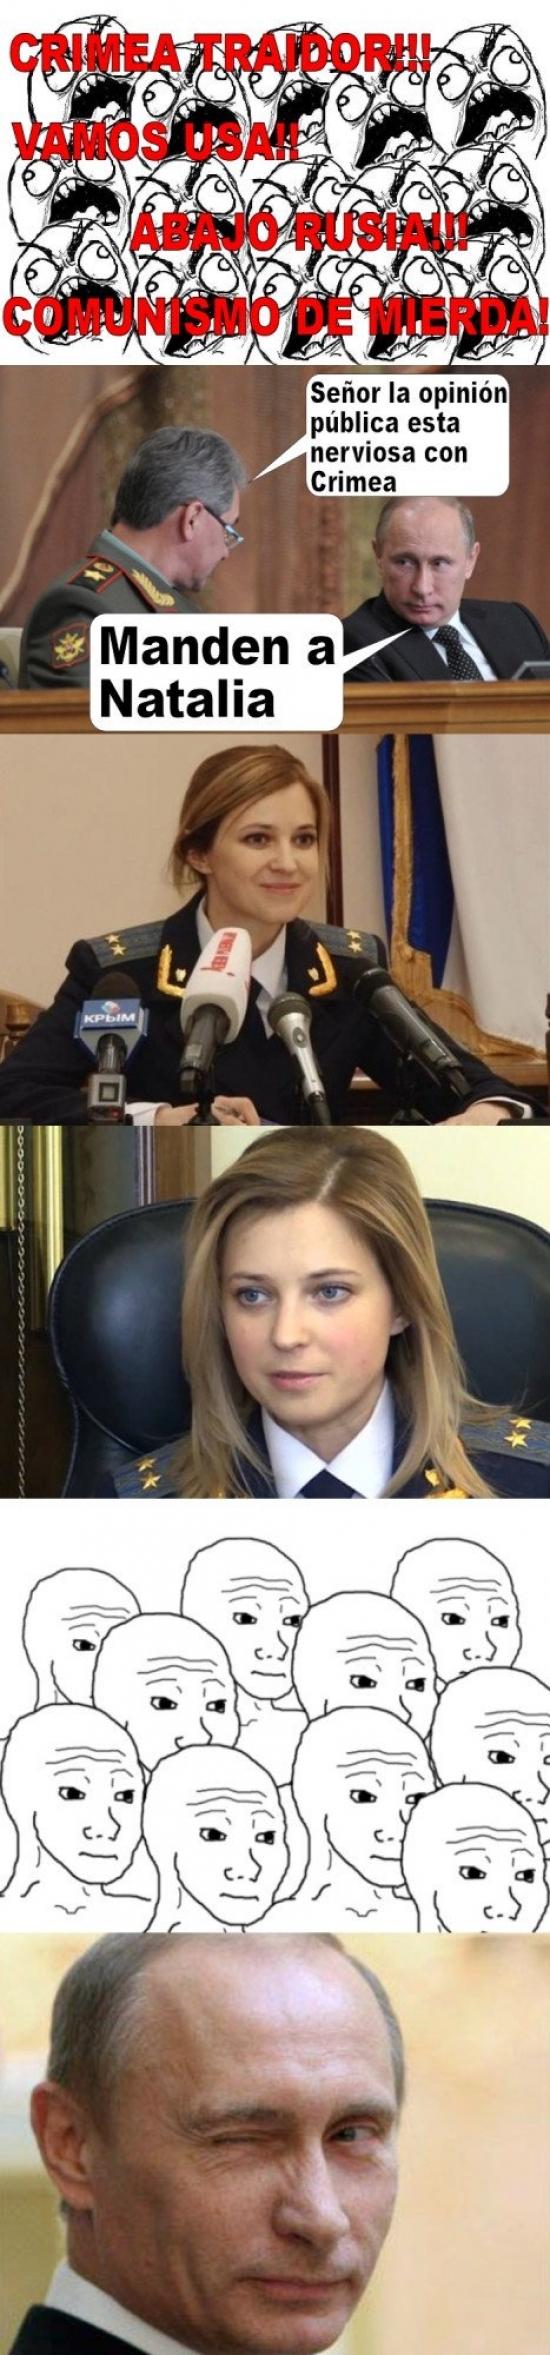 Otros - La mejor arma de Rusia frente a la opinión pública